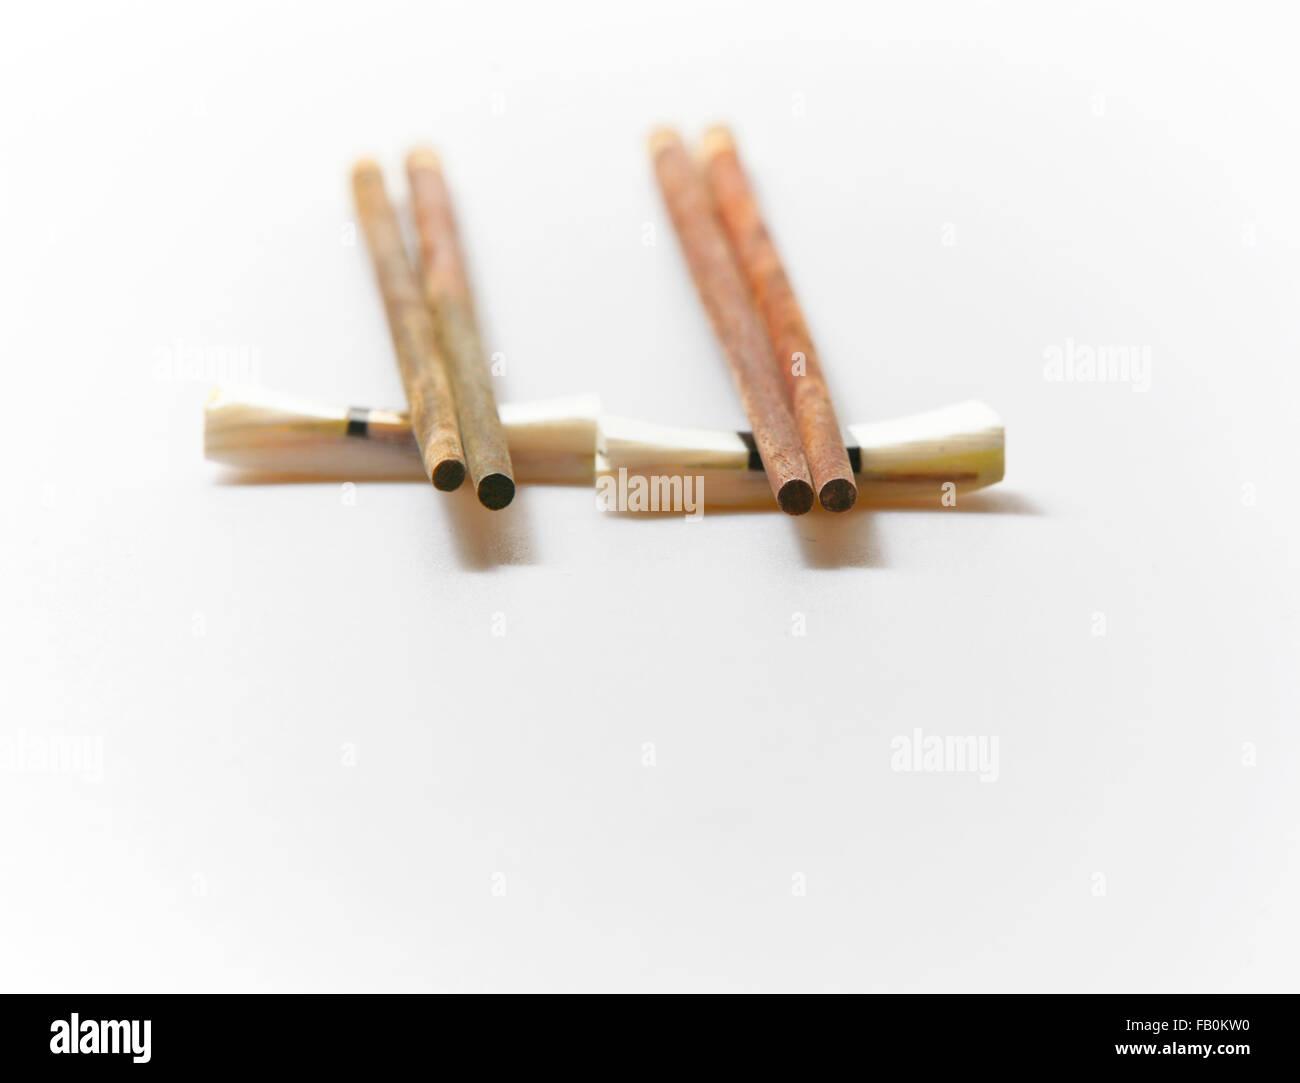 Baguettes baguettes et reste sur fond blanc avec copie espace Photo Stock